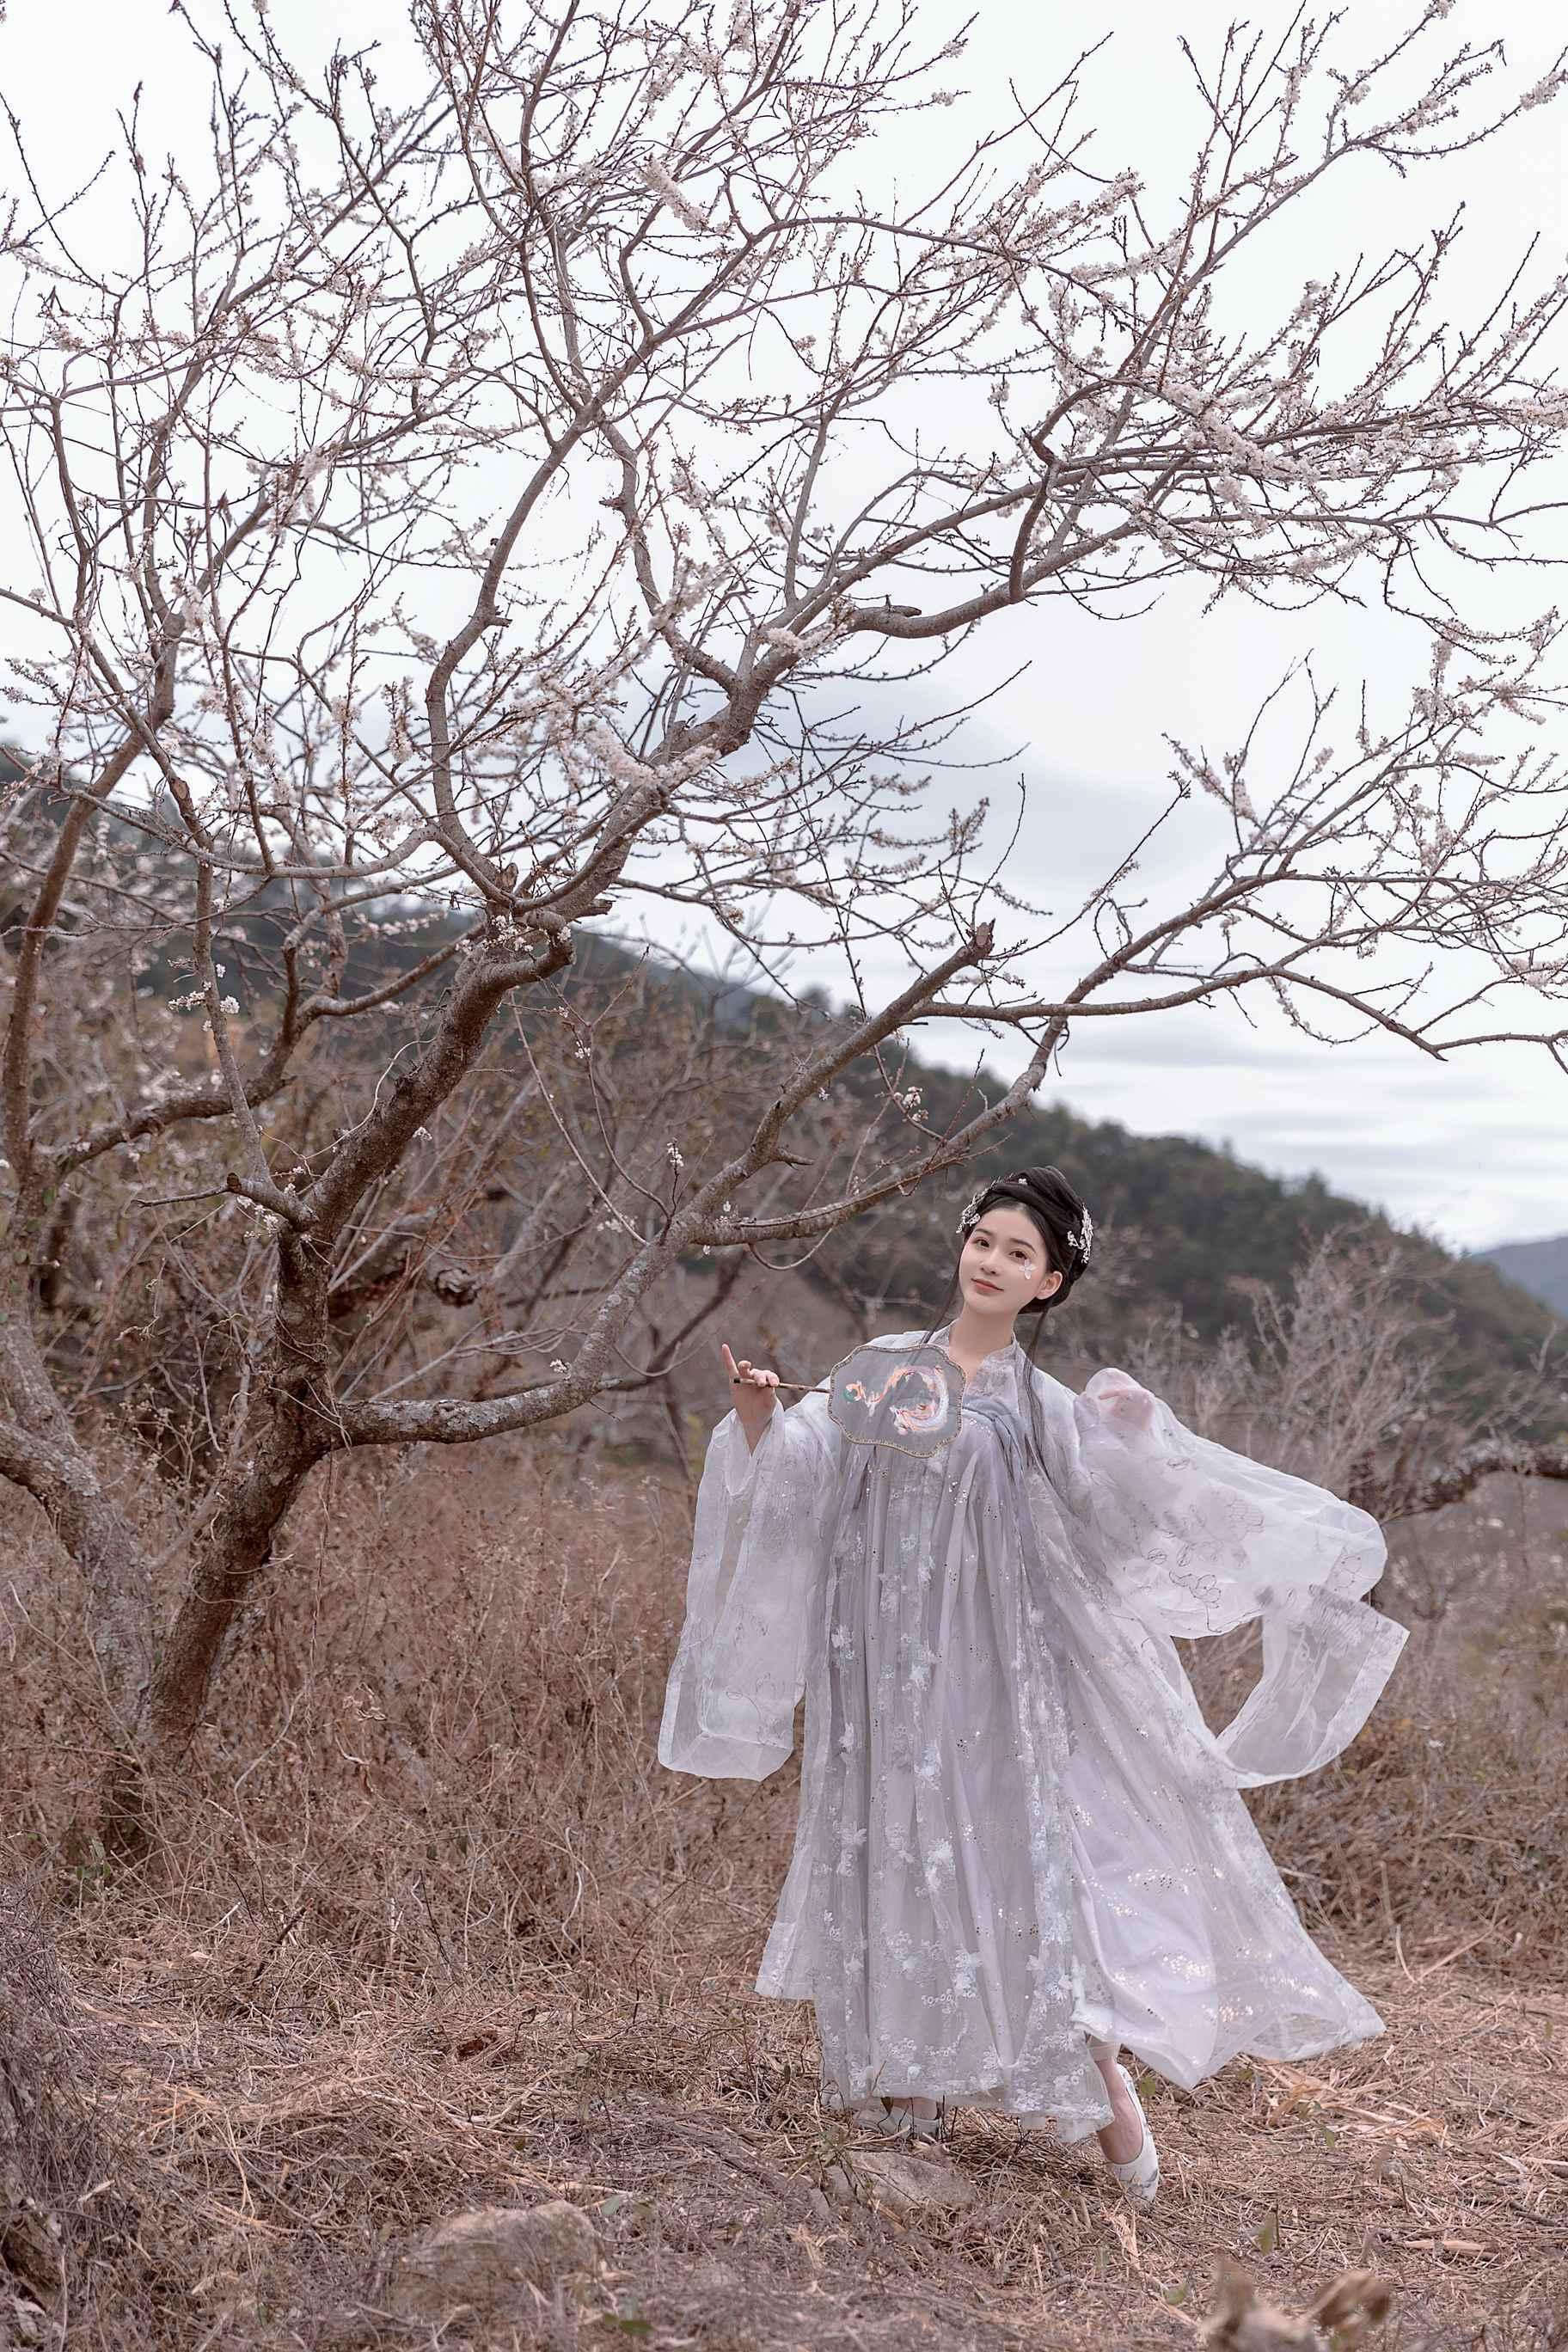 3VEMA-109粉嫩大奶美女内衣秀